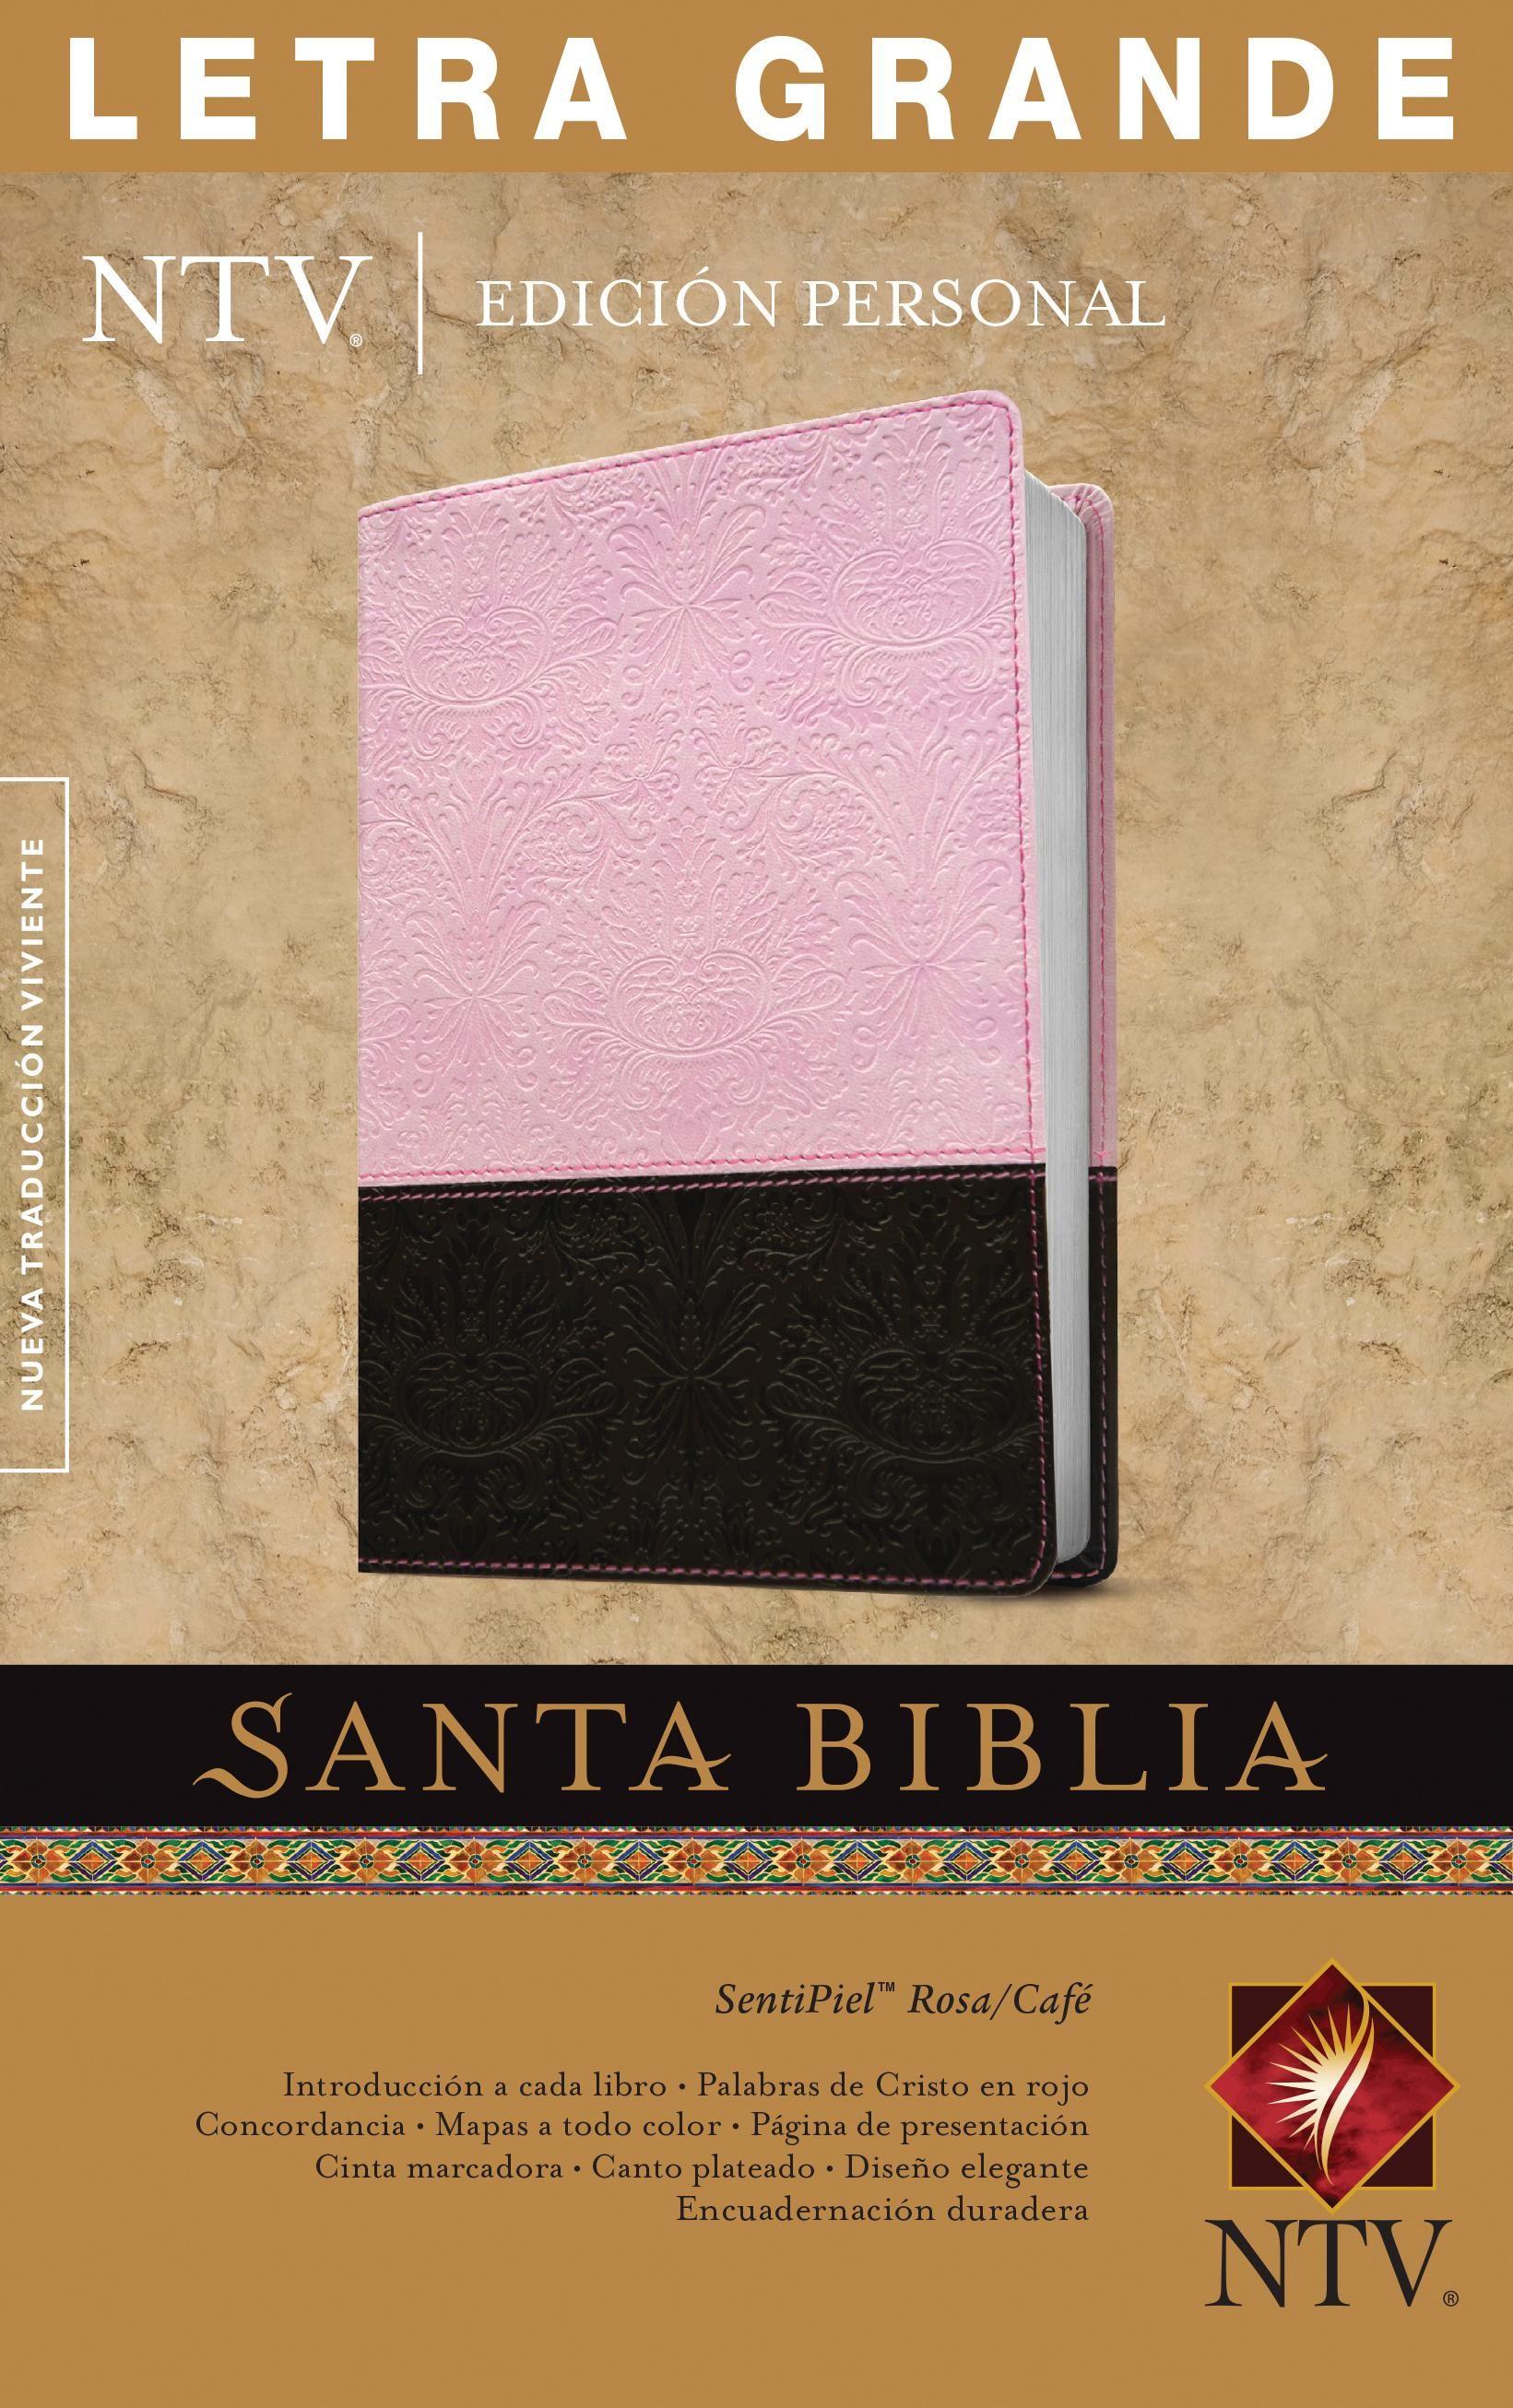 Santa Biblia NTV, Edición personal, letra grande, DuoTono (Letra Roja, SentiPiel, Rosa/Café)